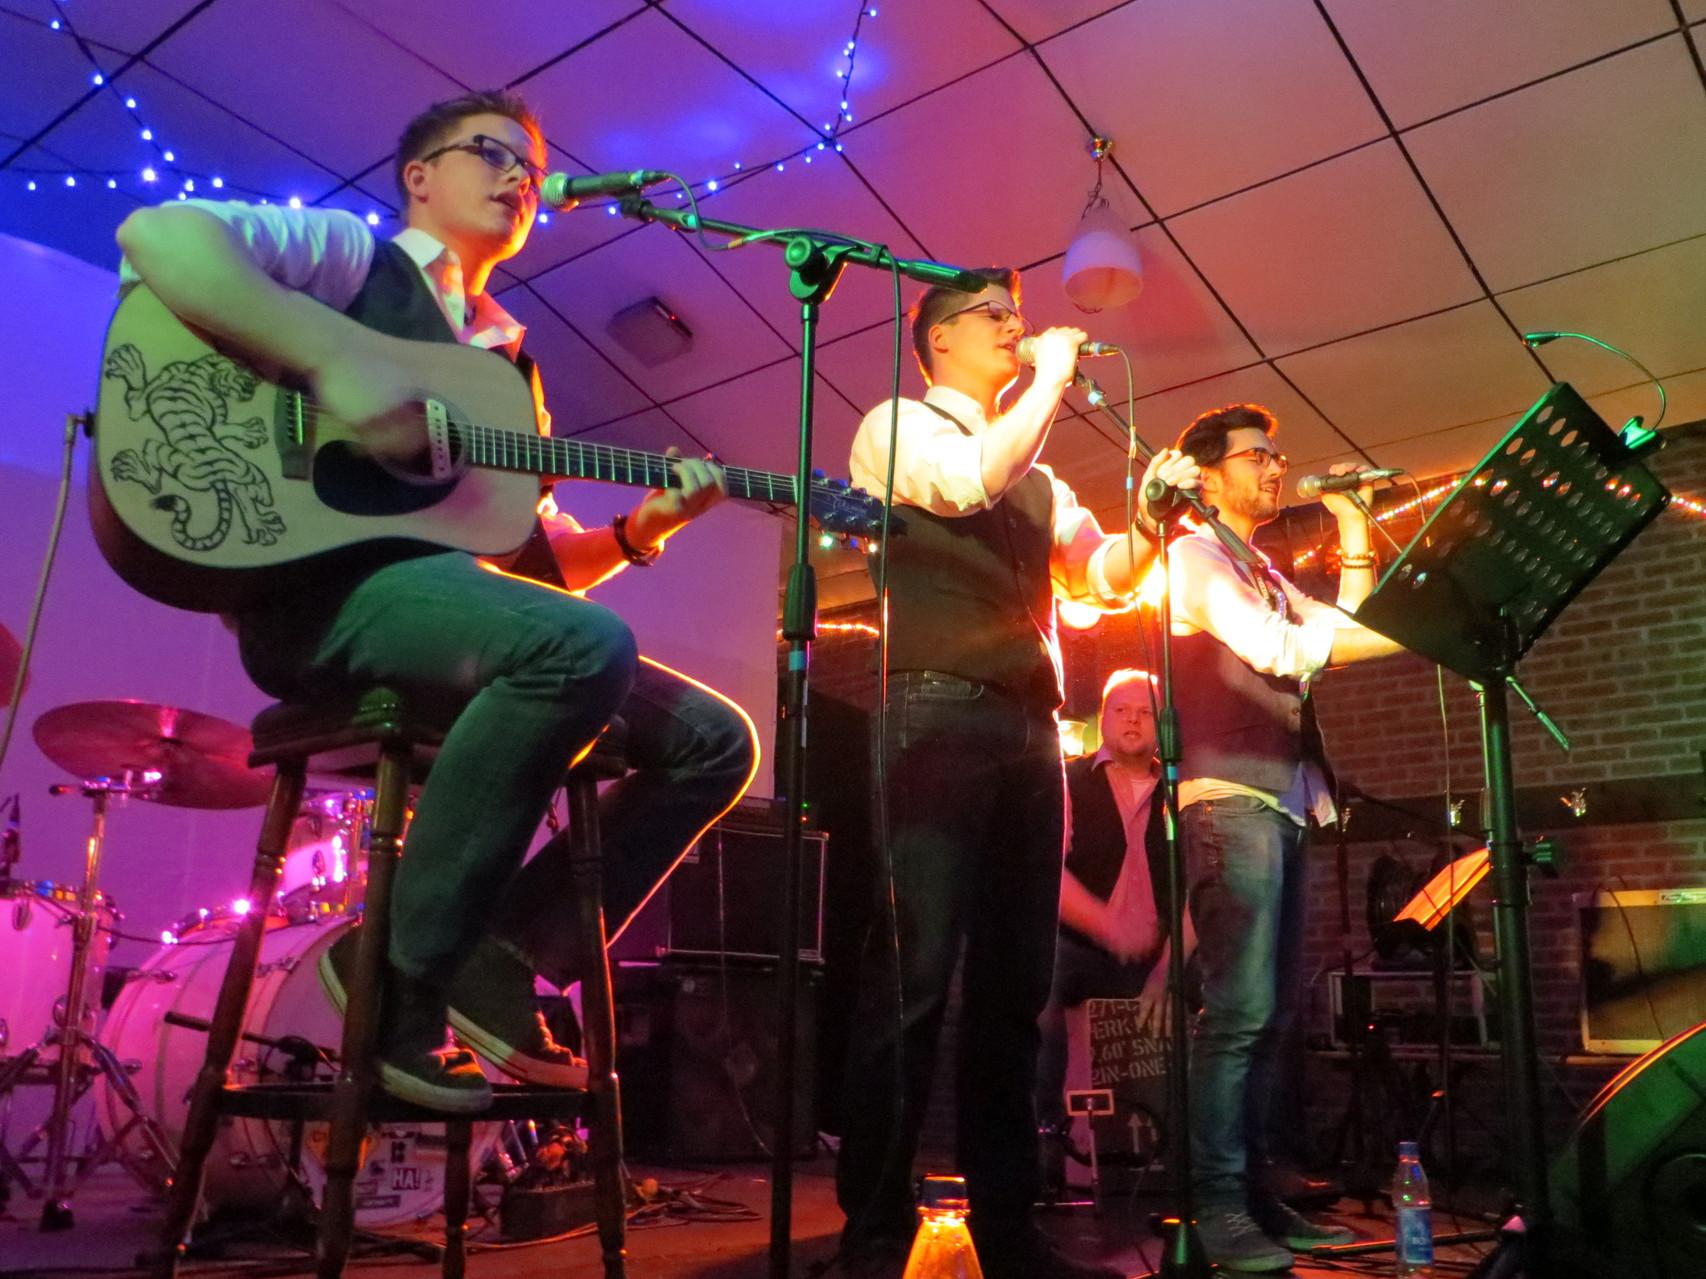 05.01.2014 - unser erster Auftritt in der Firedenseiche in Walbeck